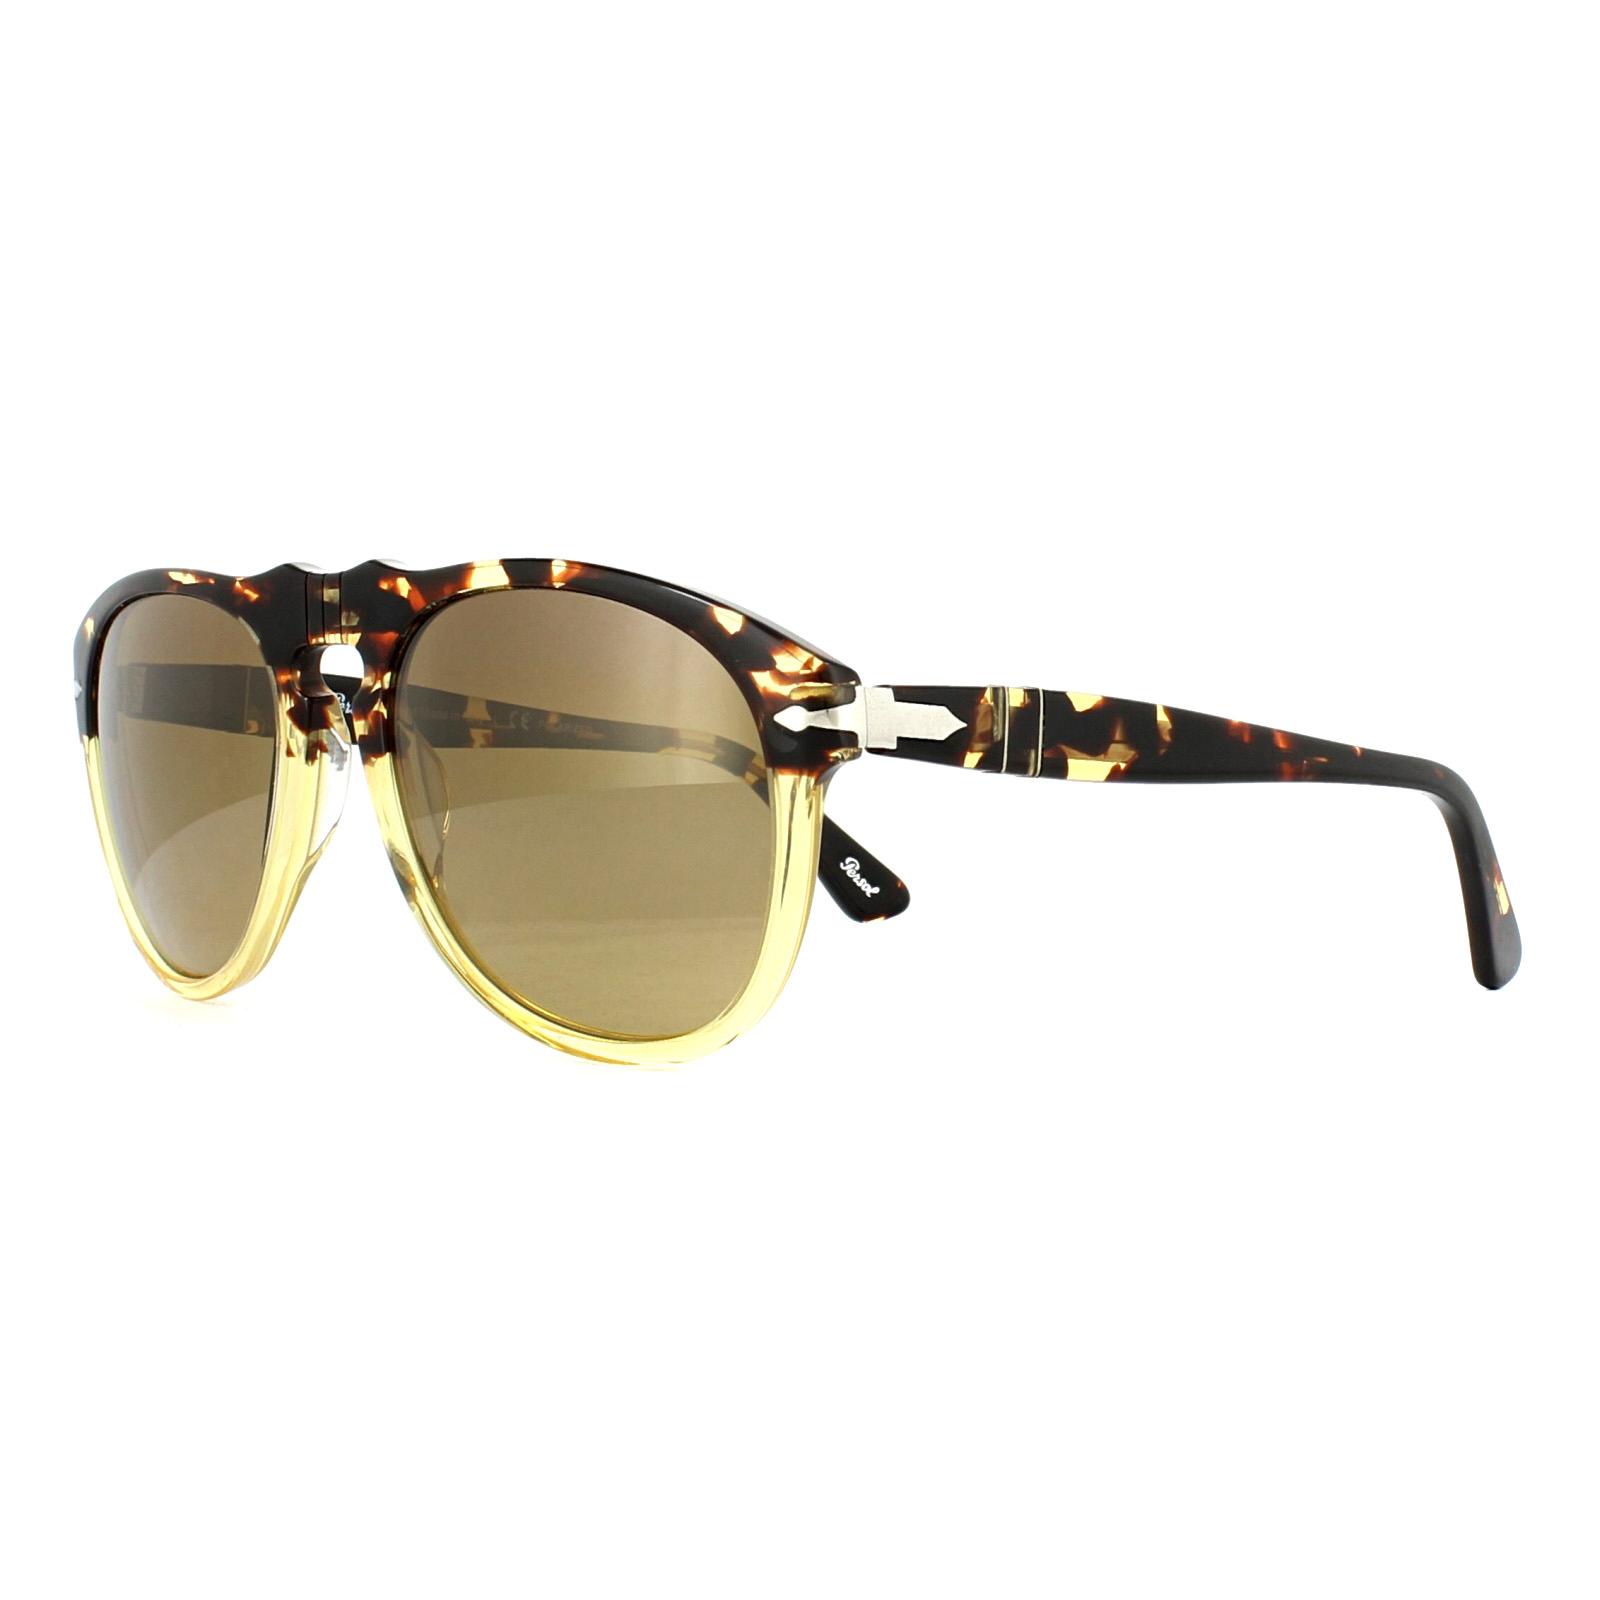 539031285293 Persol Sunglasses 649 1024M2 Ebano E Oro Brown Gradient Polarized ...